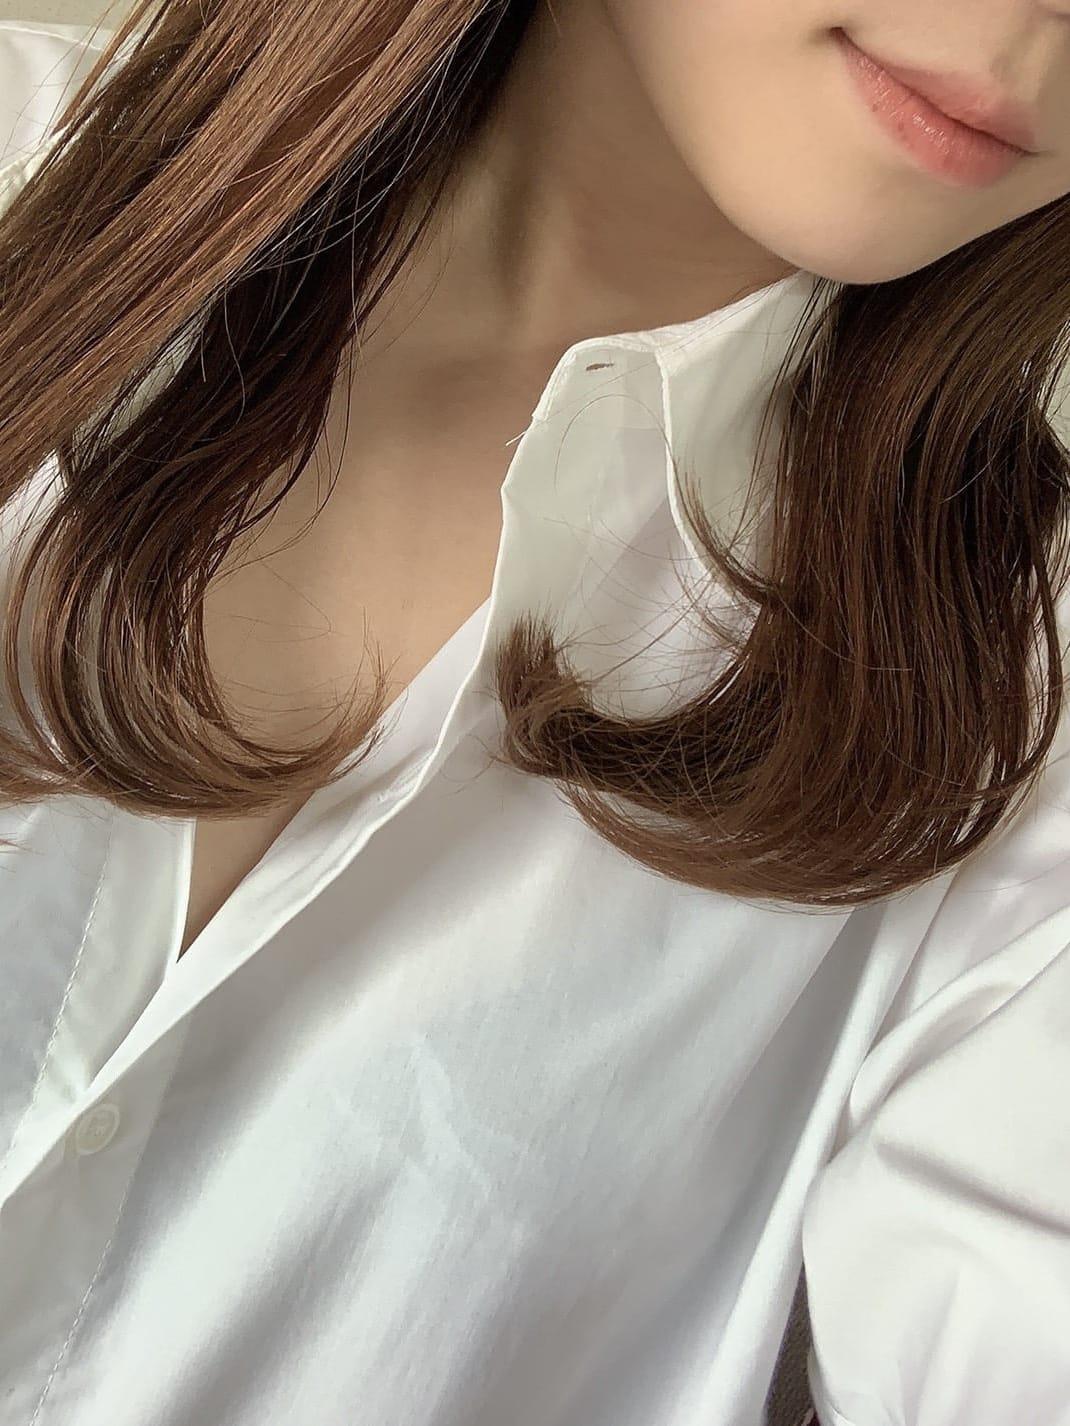 ひかる【愛嬌満点美人セラピスト】 | 博多Heart Wrap()